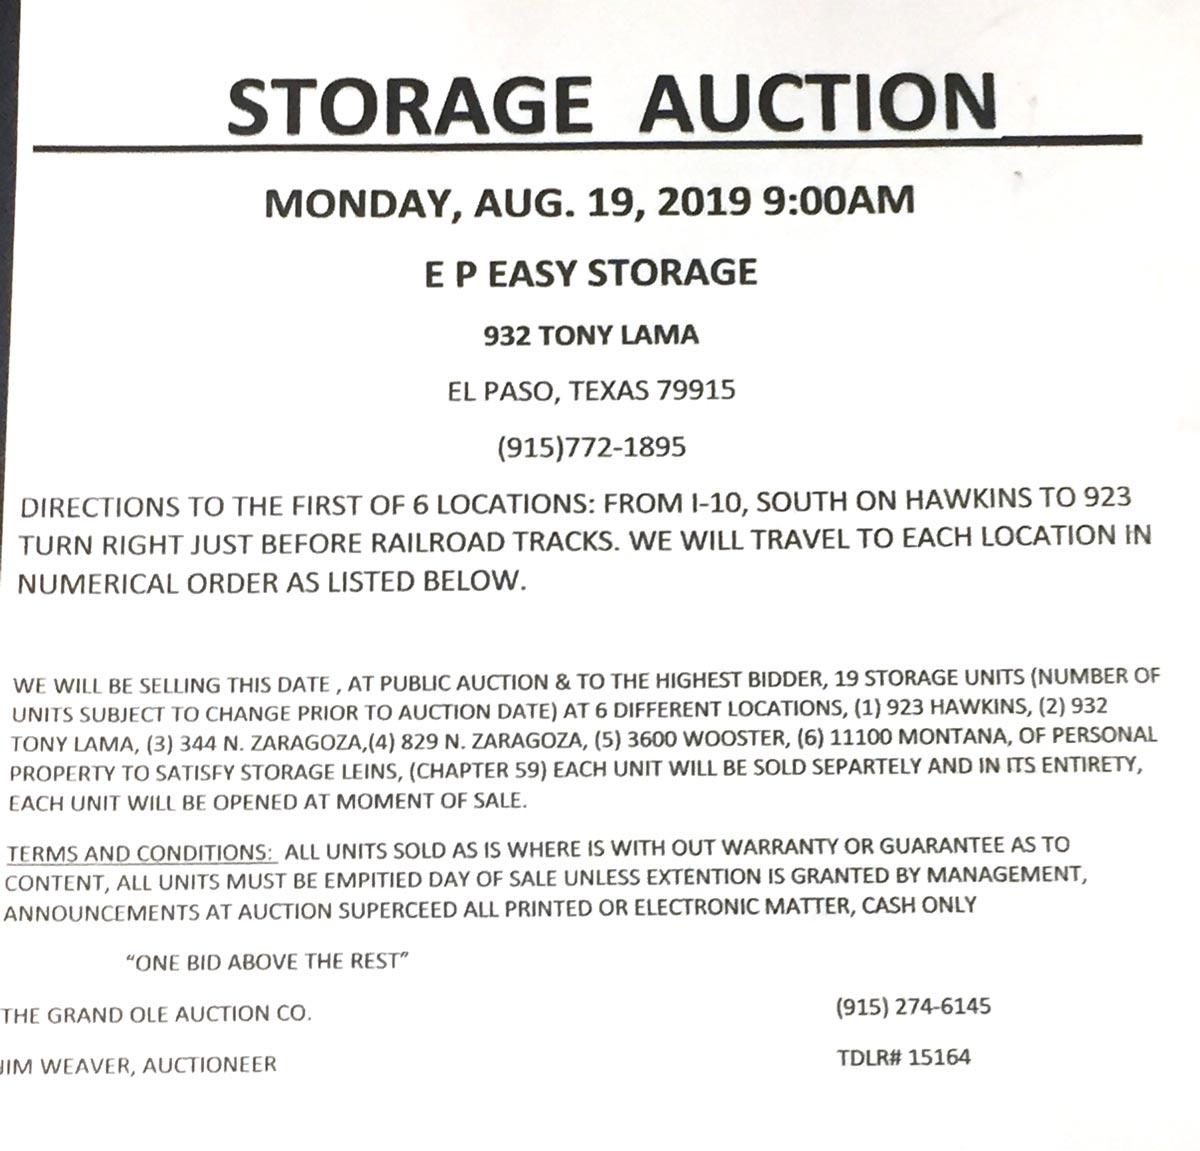 Storage auction information